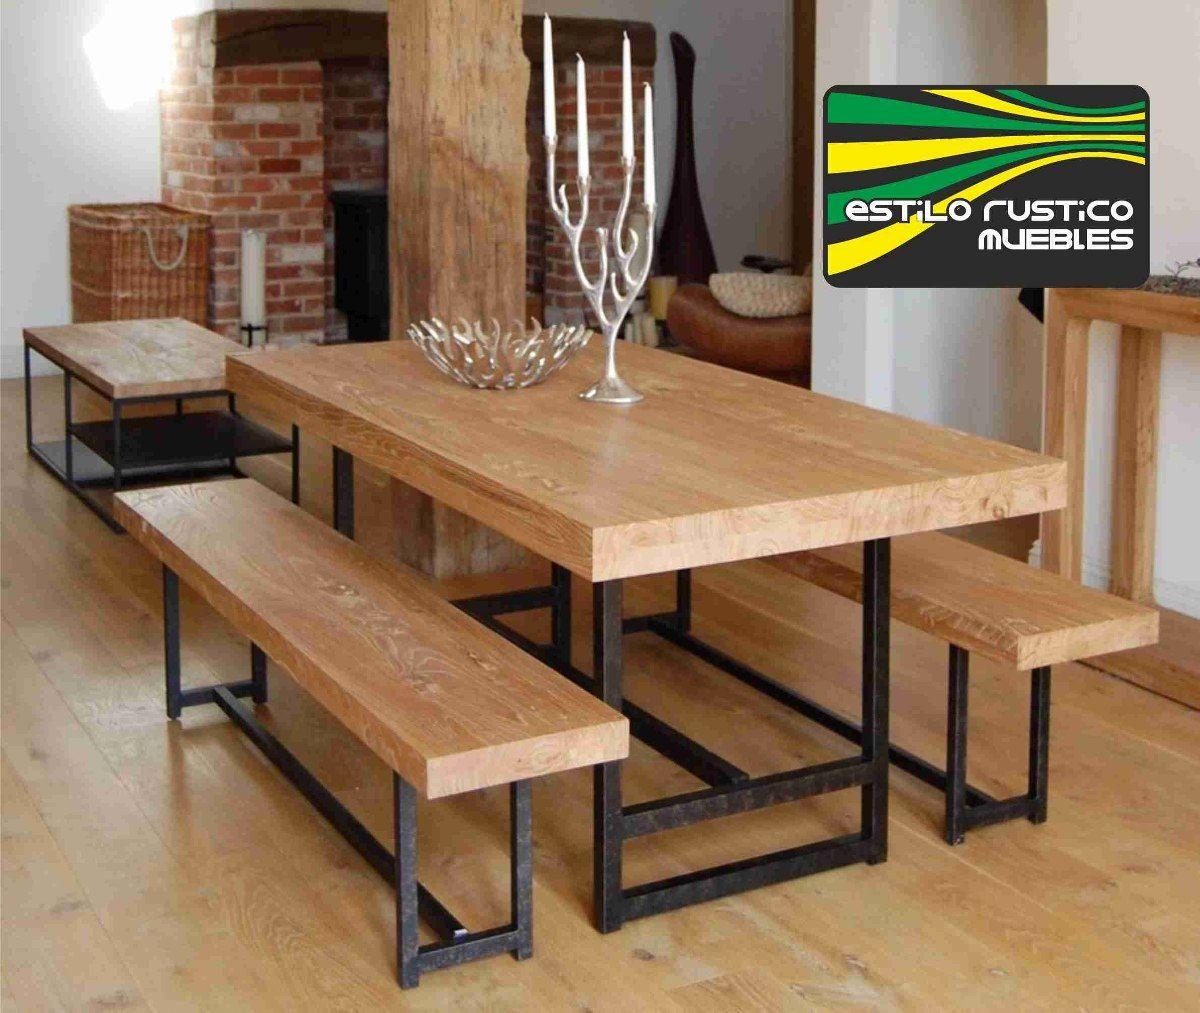 Mesa comedor de hierro y madera sin bancos - Bancos para comedor ...